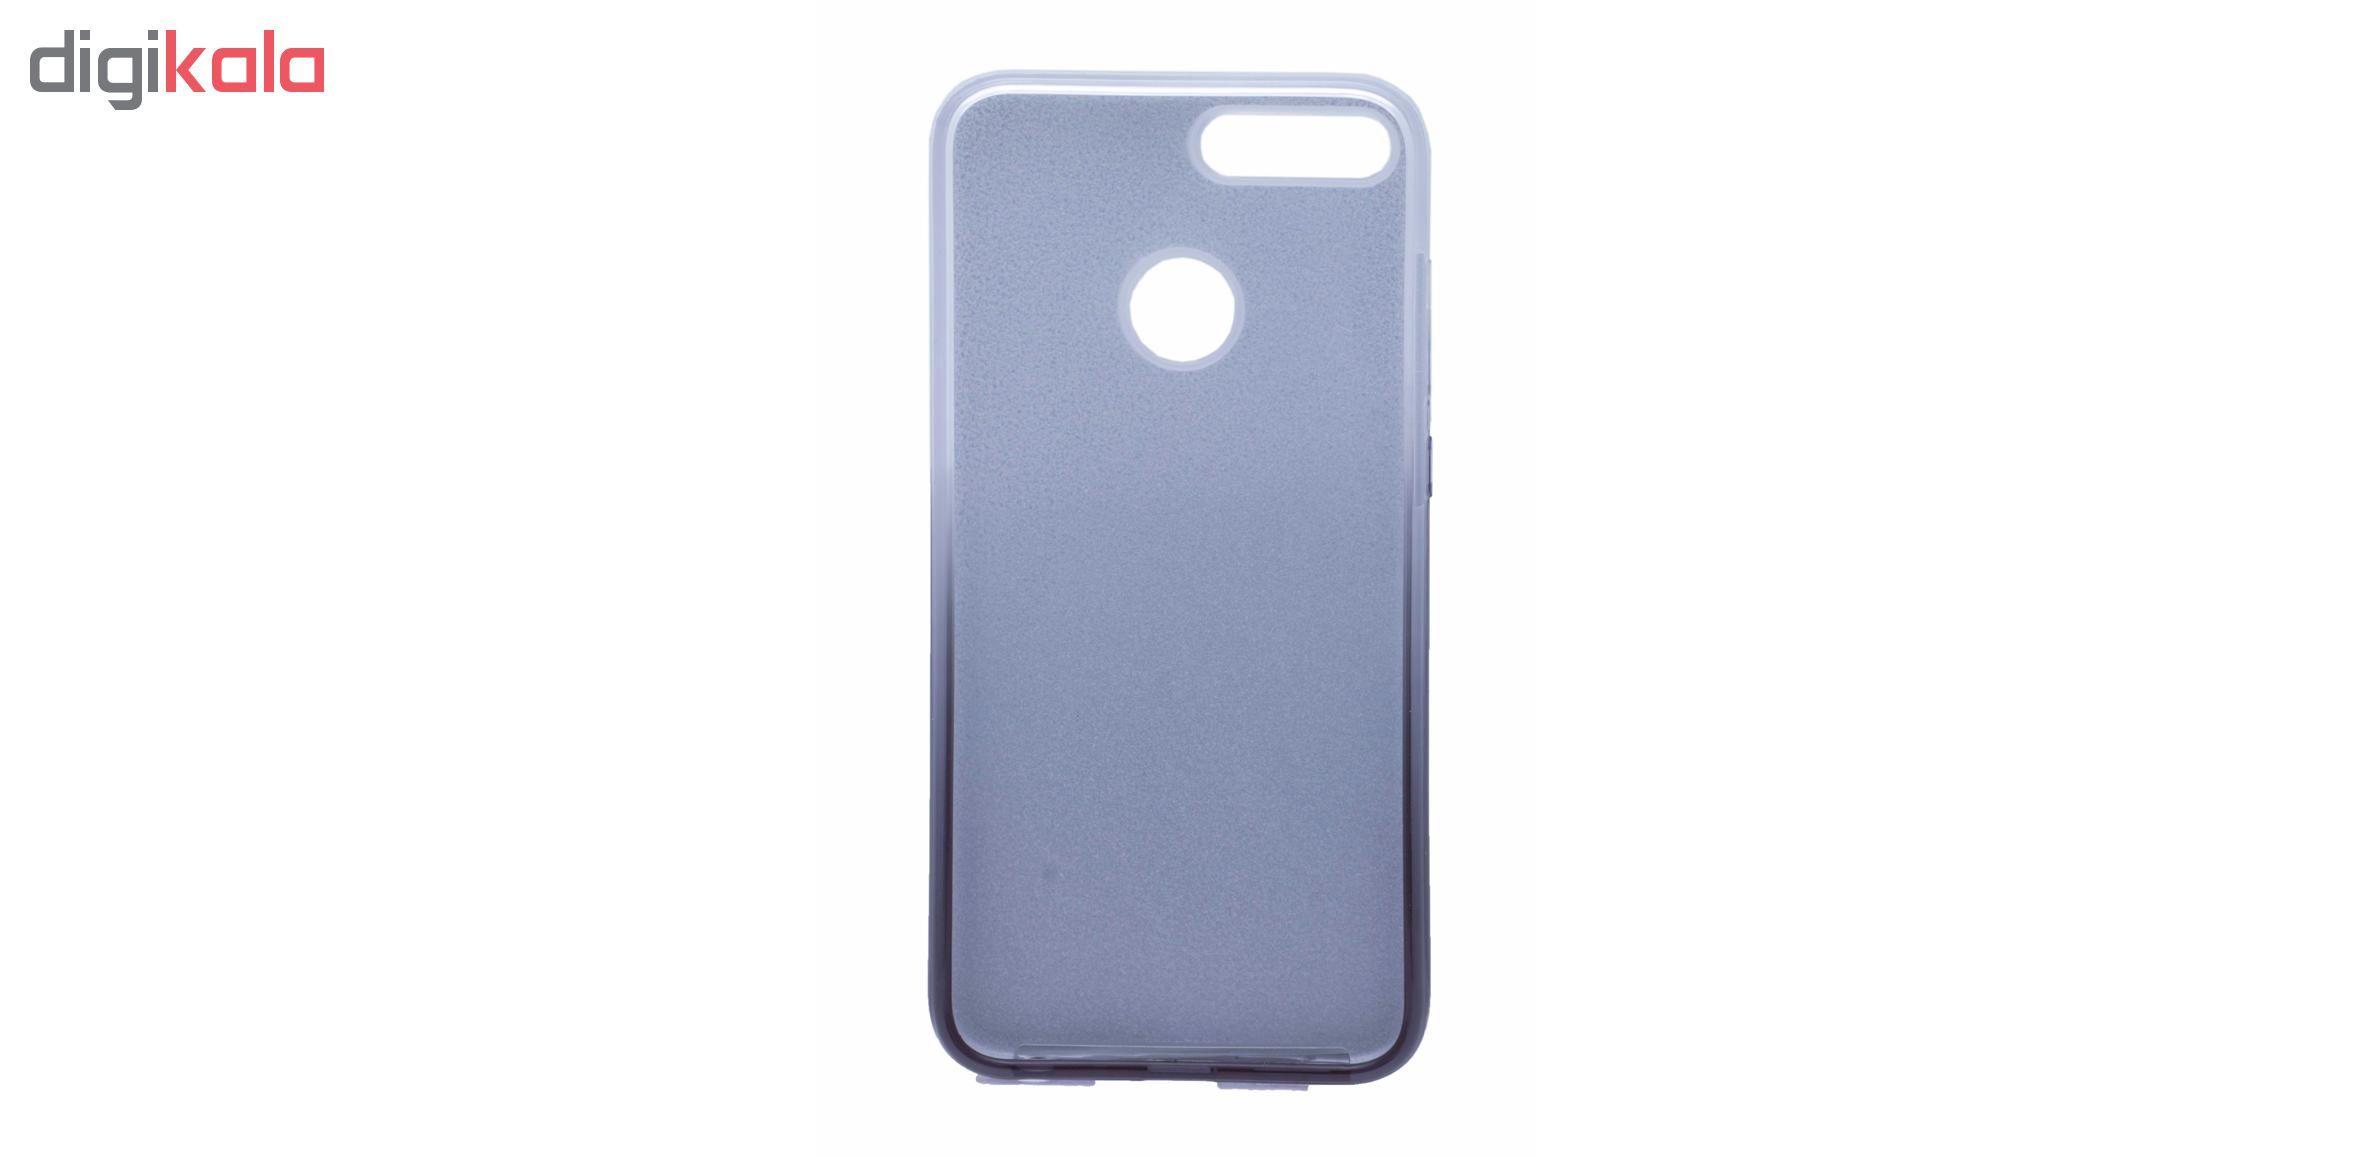 کاور مدل CORONA طرح اکلیلی مناسب برای گوشی هوآوی P smart main 1 2